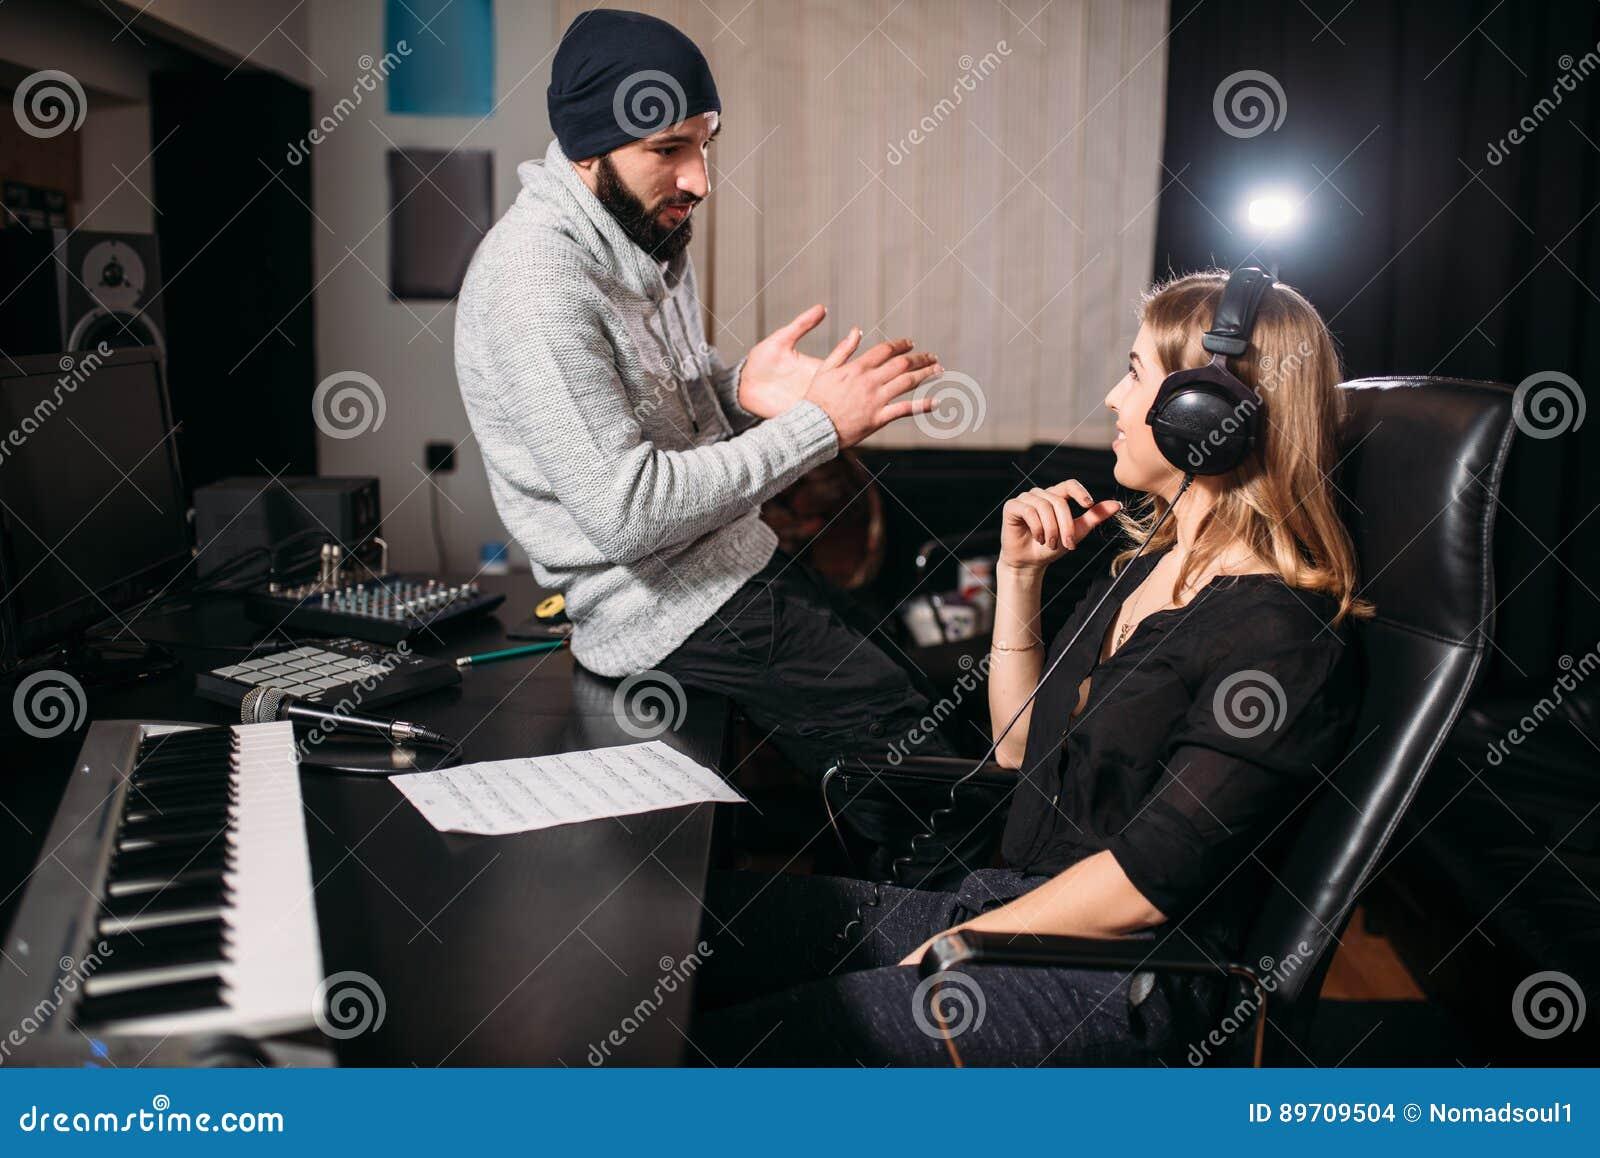 Correcte producent met vrouwelijke zanger in muziekstudio